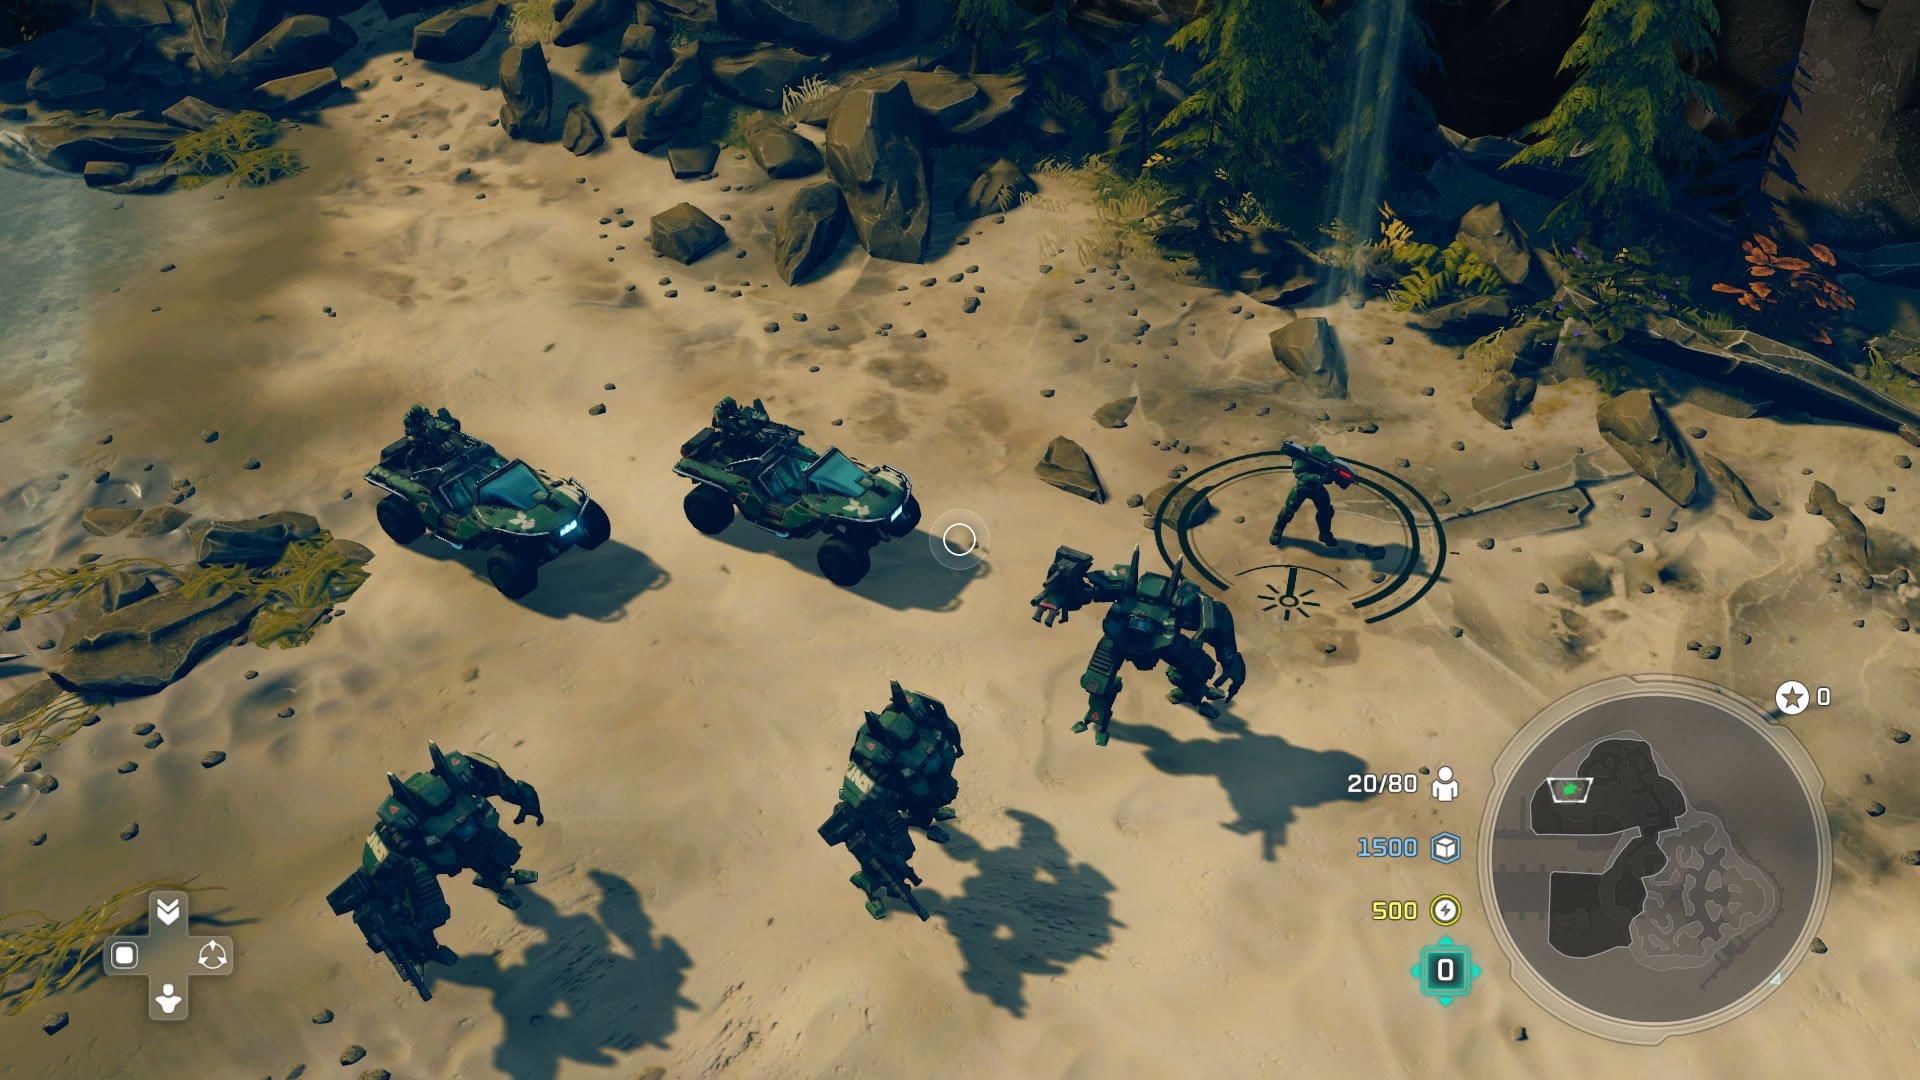 024 Halo Wars 2